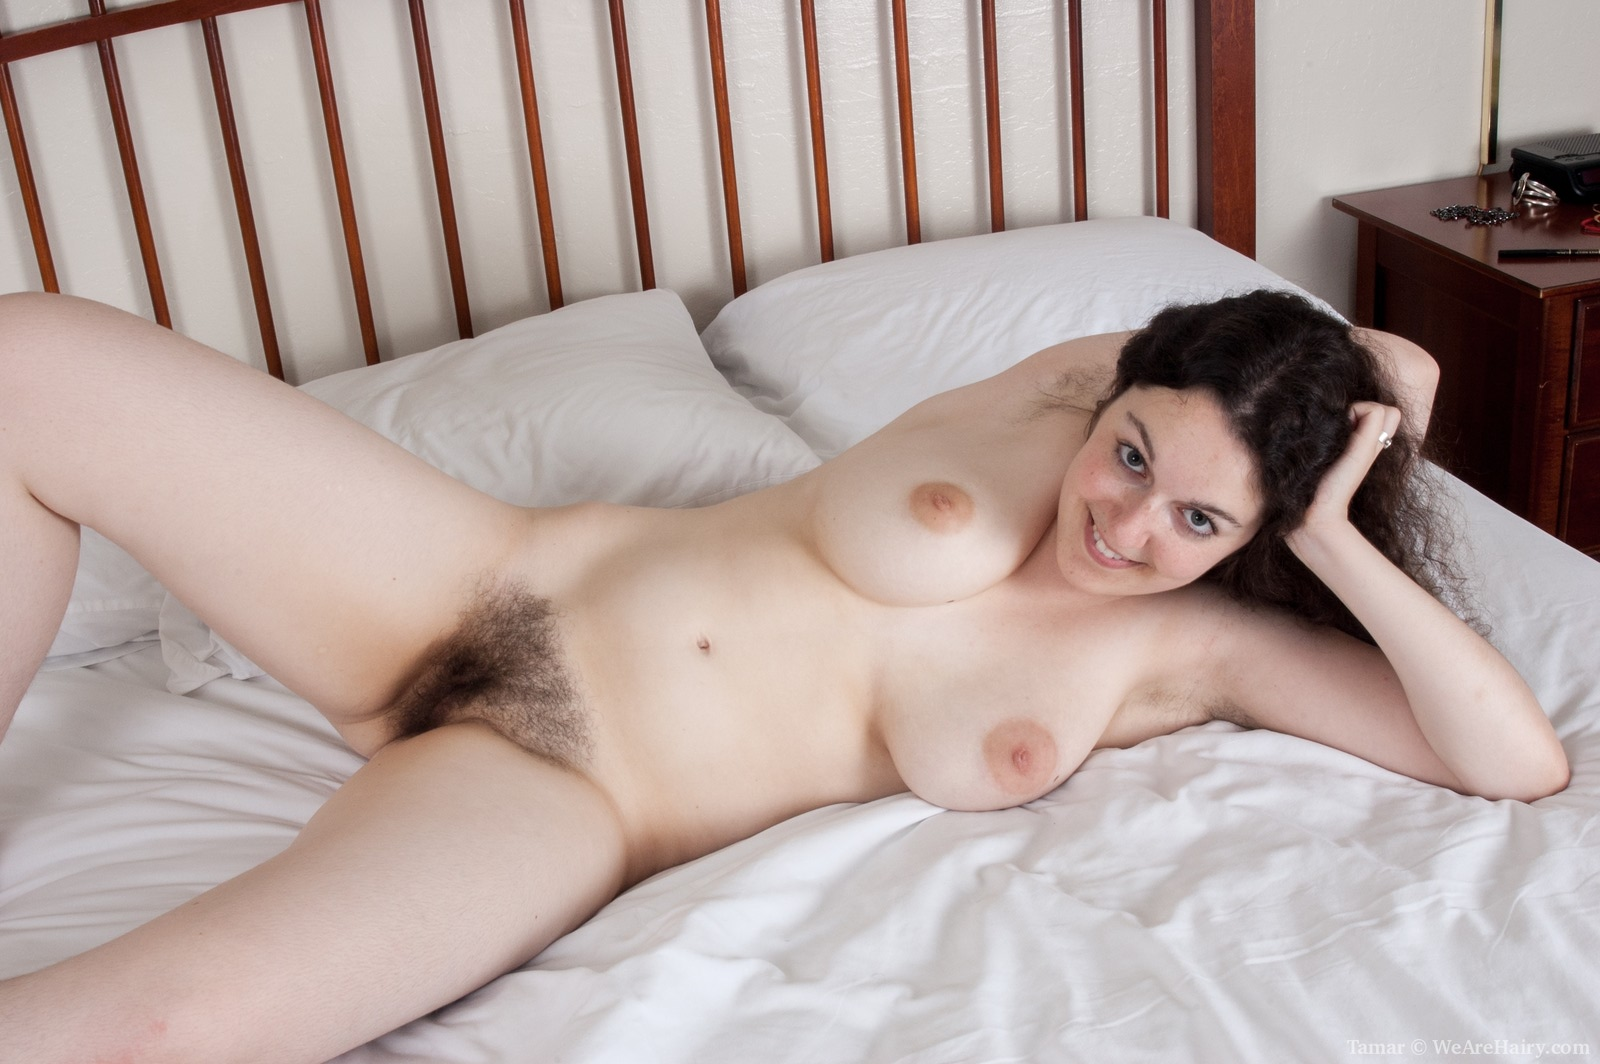 Amature milf in fur teases amp sucks cock 8